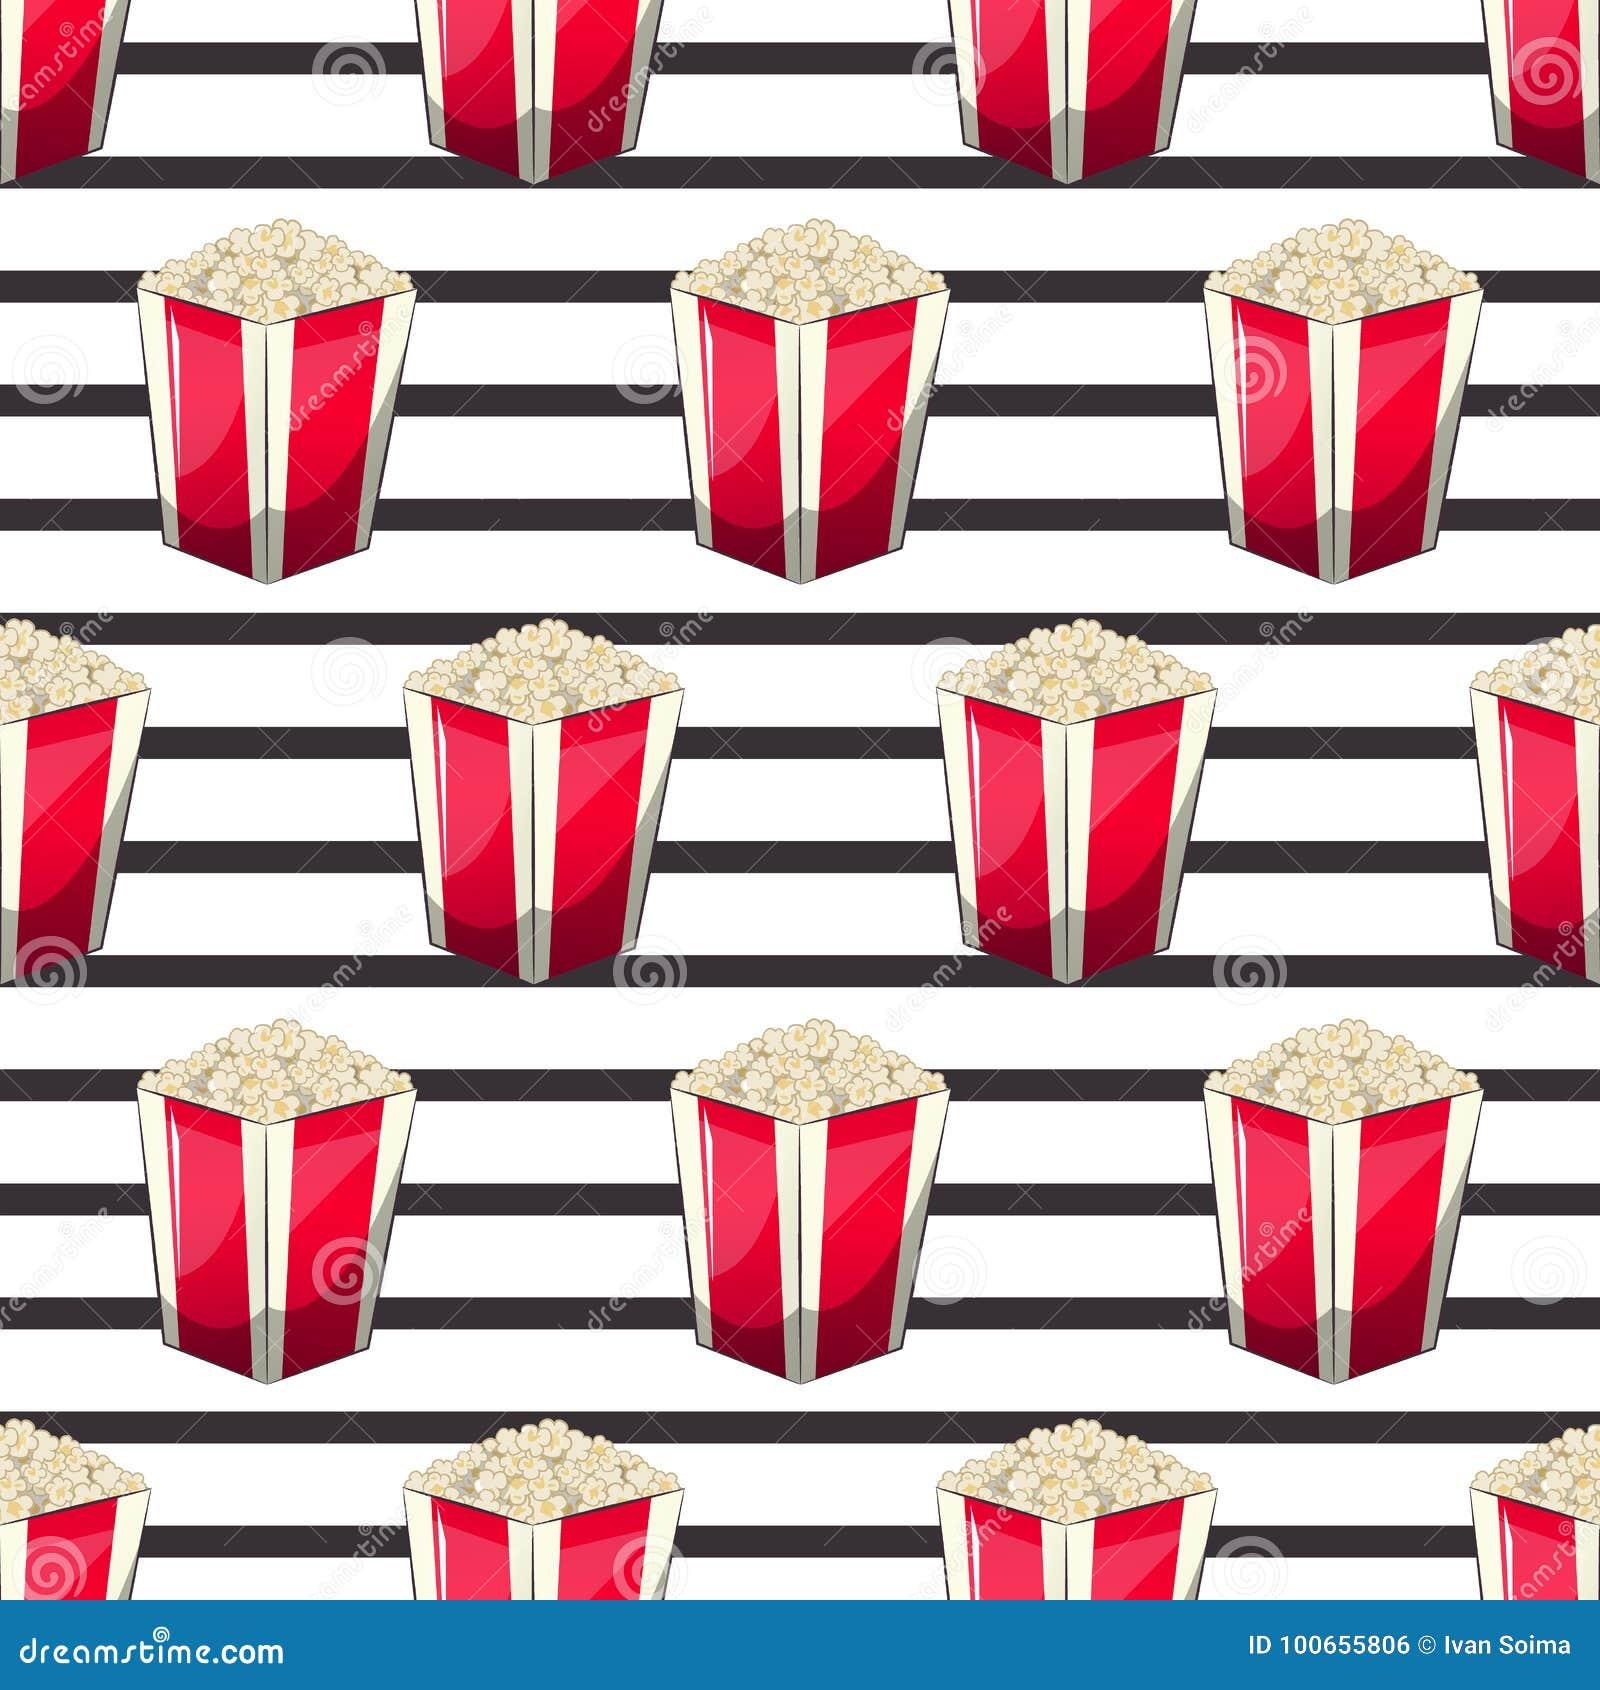 Popcorn είναι απομονωμένο σε ένα κιβώτιο περιτυλιγμάτων λουρίδων για τα προϊόντα σας, ένας κάδος ορεκτικών όταν προσέχετε τους κι